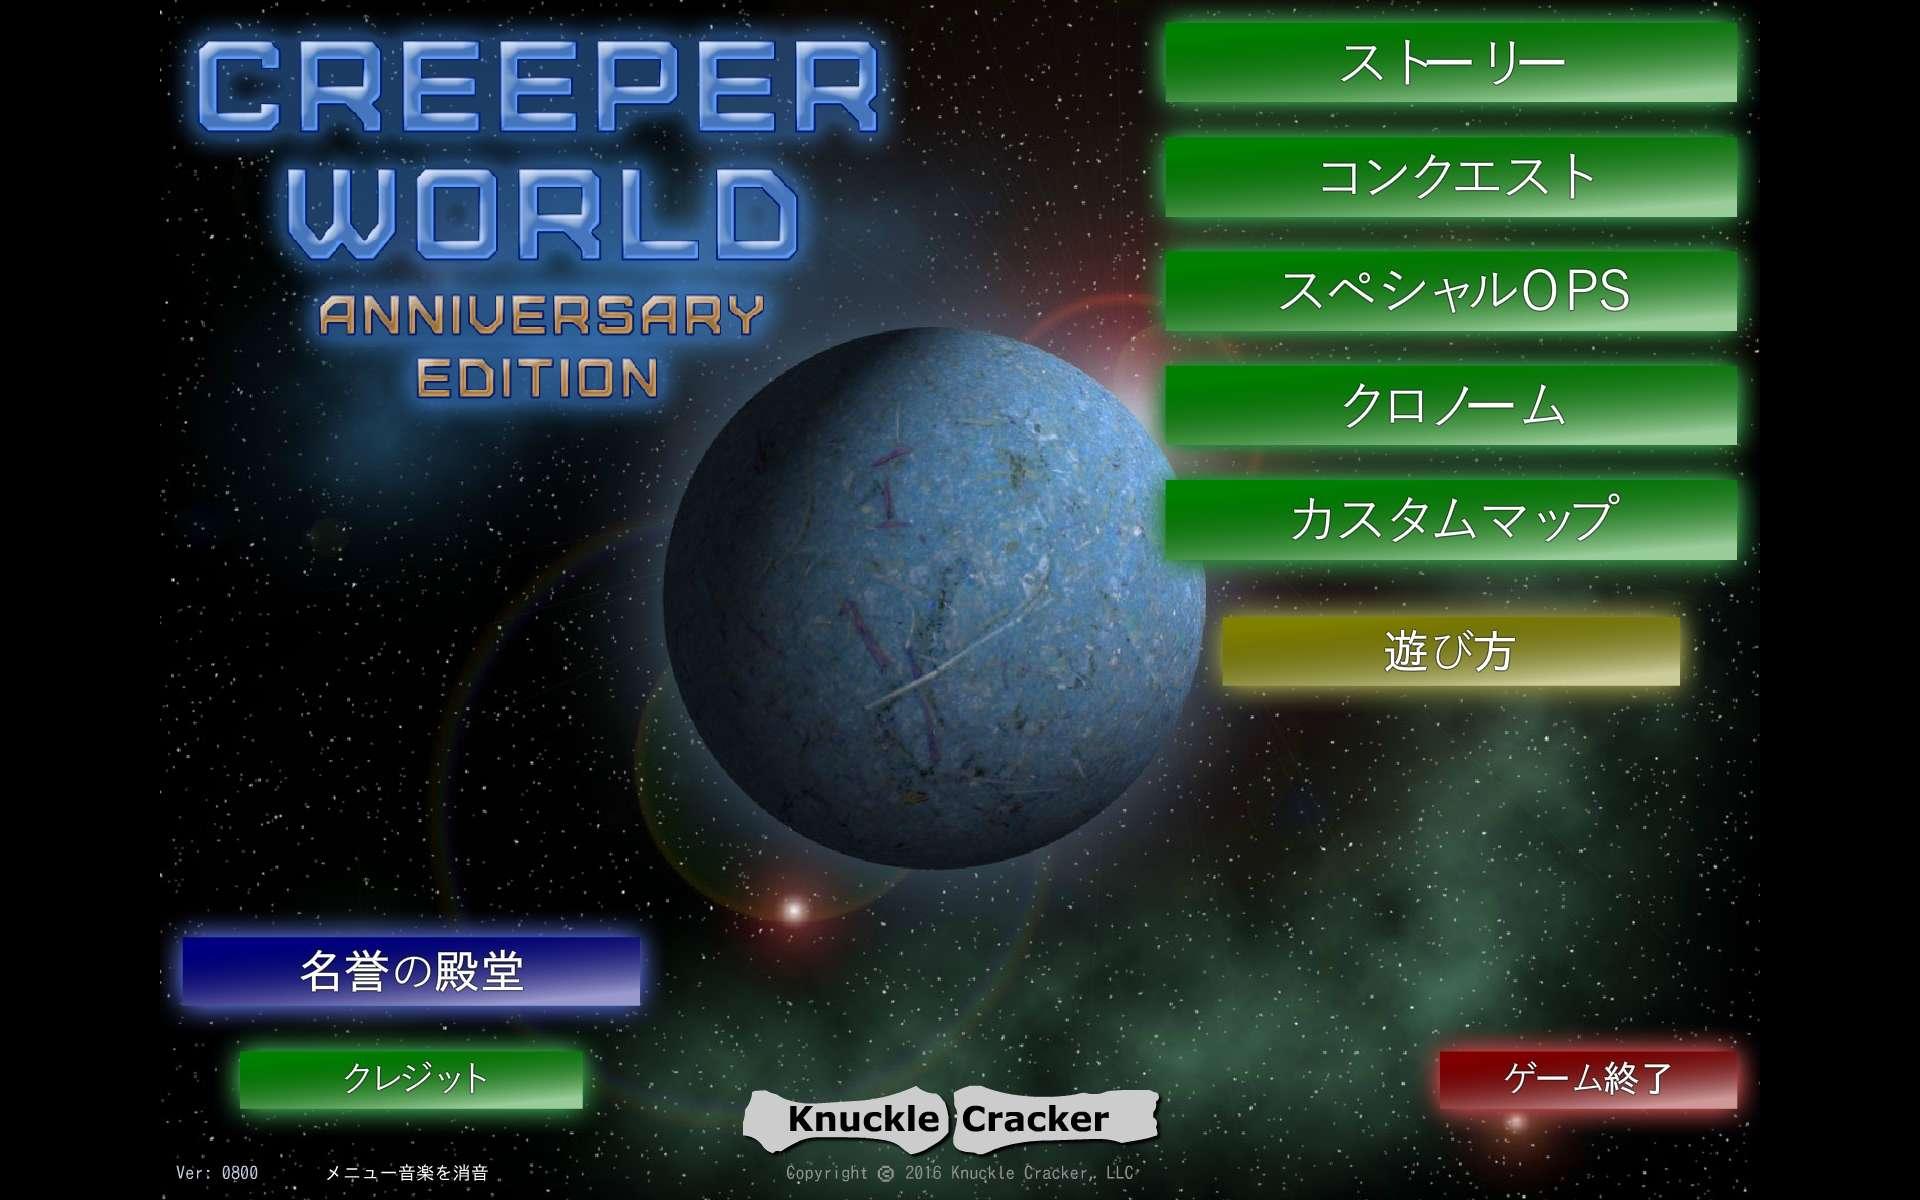 PC ゲーム Creeper World: Anniversary Edition 日本語化と JPEXS Free Flash Decompiler を使ったファイル解析メモ、日本語化後のスクリーンショット